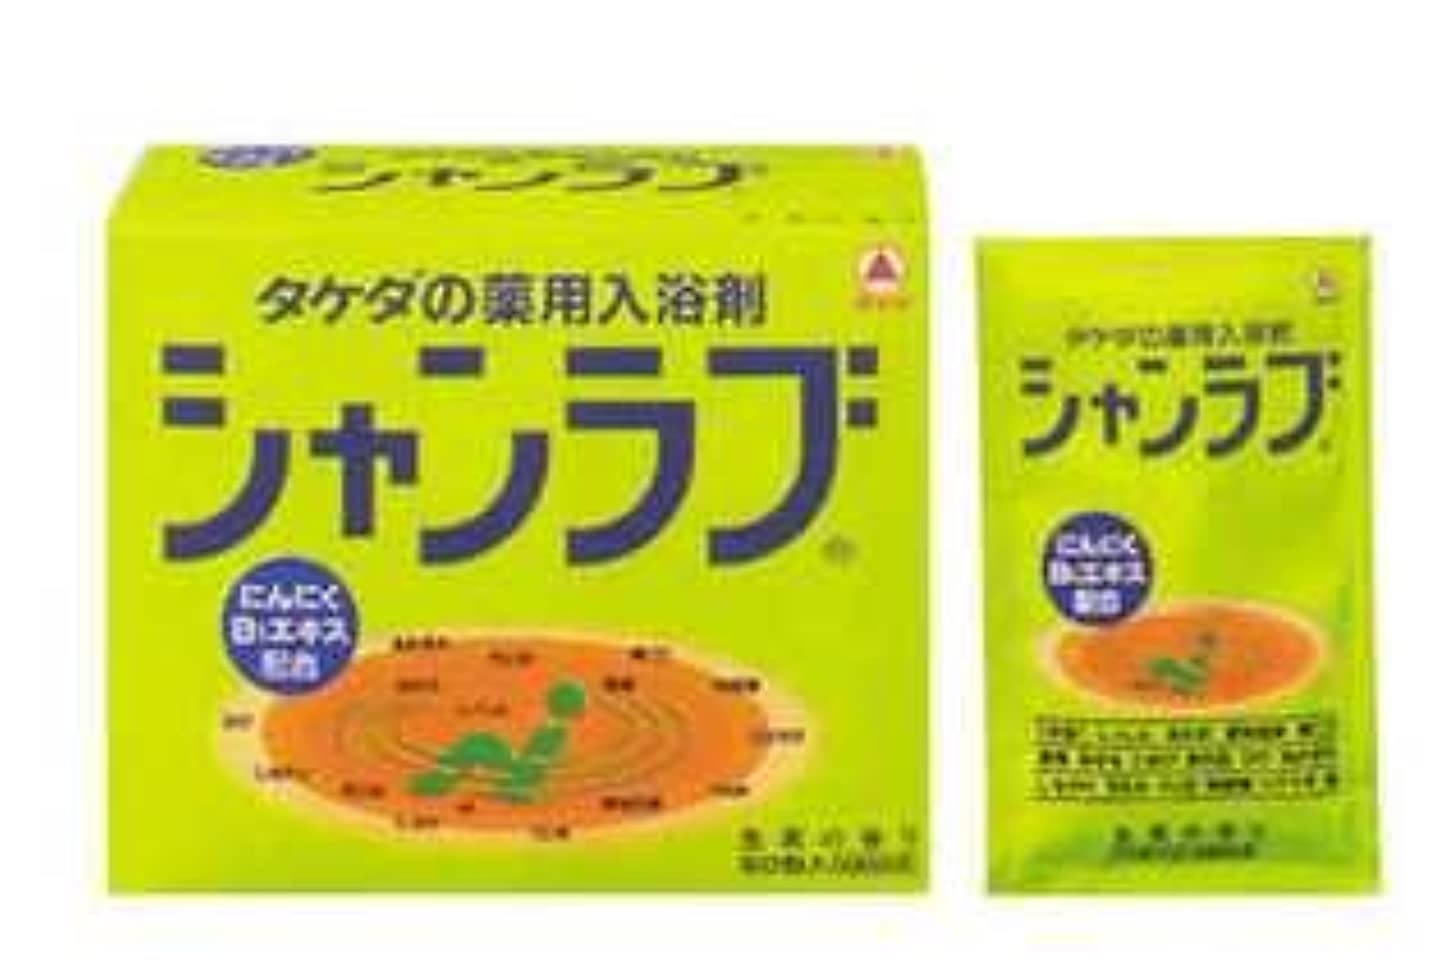 構成員糞め言葉シャンラブ  30g×20包  武田薬品【医薬部外品】